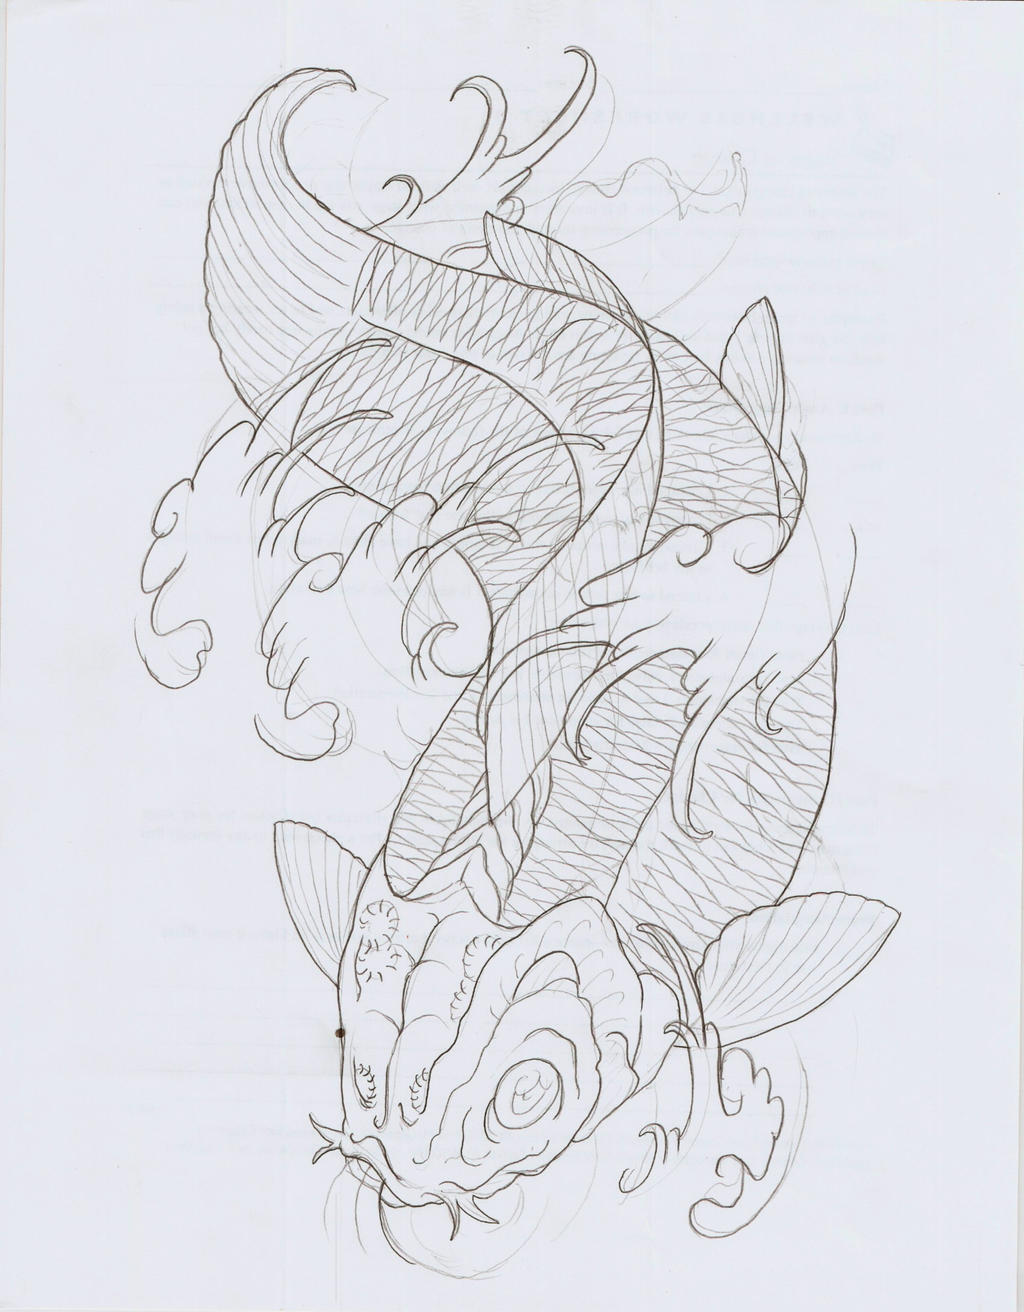 Koi fish xi outline by eltri on deviantart for Koi fish outline